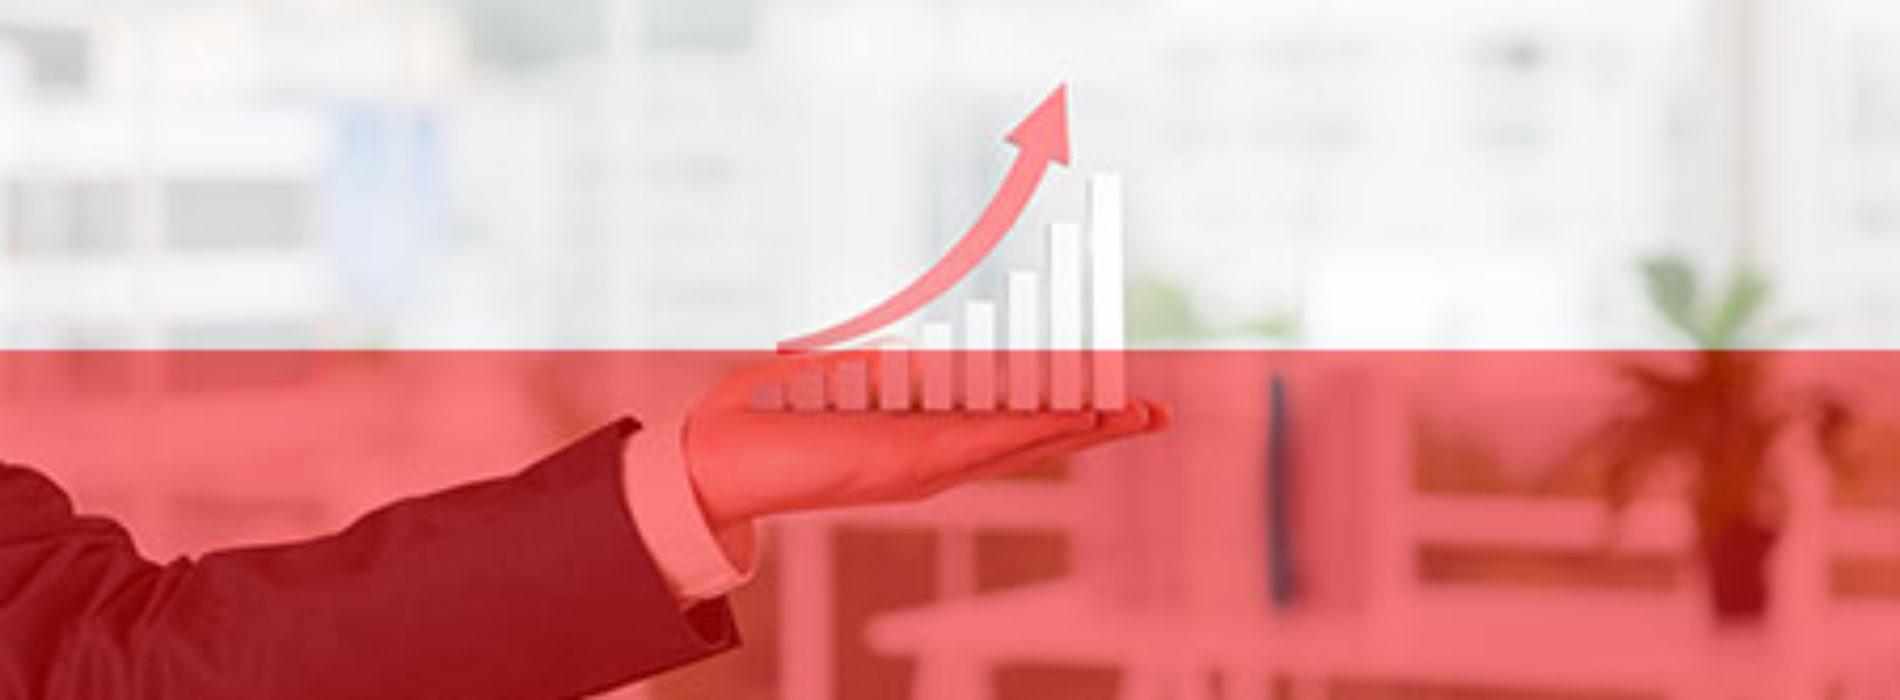 Wskaźnik Dobrobytu w Polsce najwyższy od 8 lat – jak to wpłynie na rynek pożyczek?